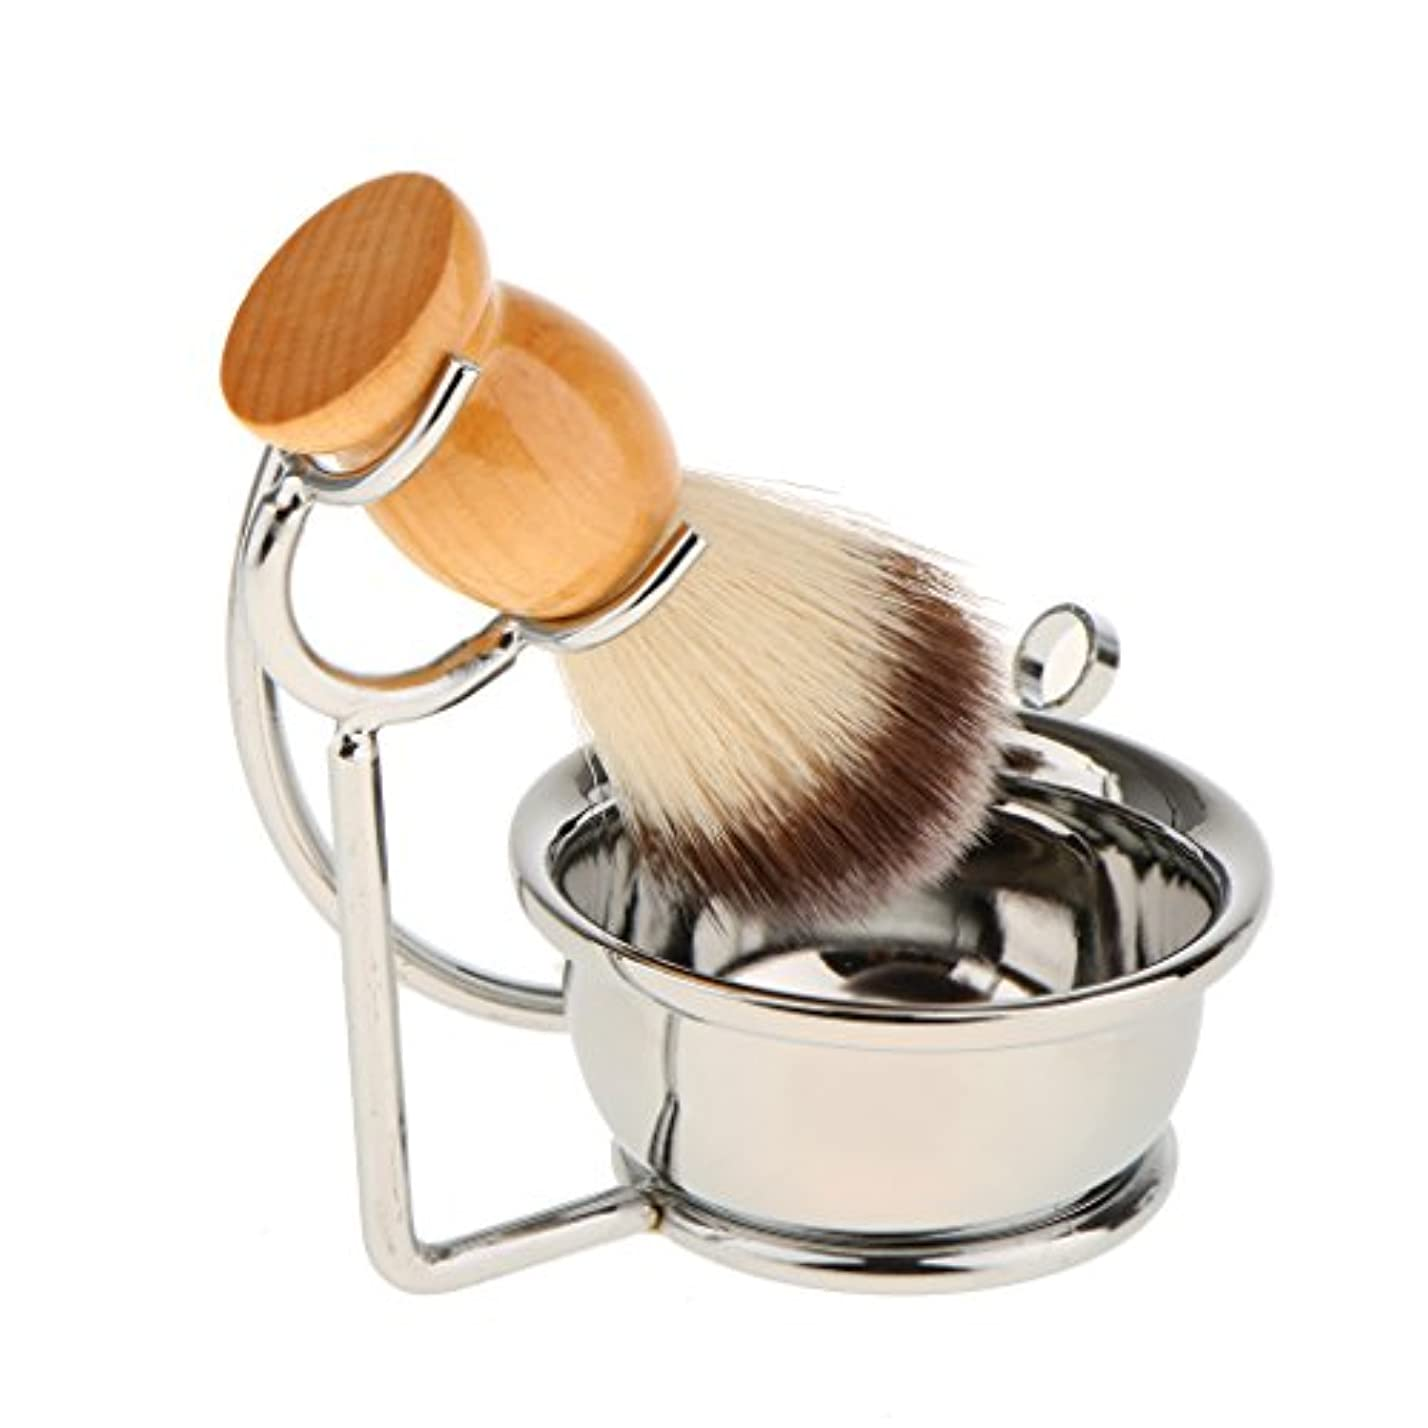 または冬メルボルンPerfk 人気 シェービングブラシ 石鹸マグカップ シェービングスタンドホルダー セット 男性用 贈り物